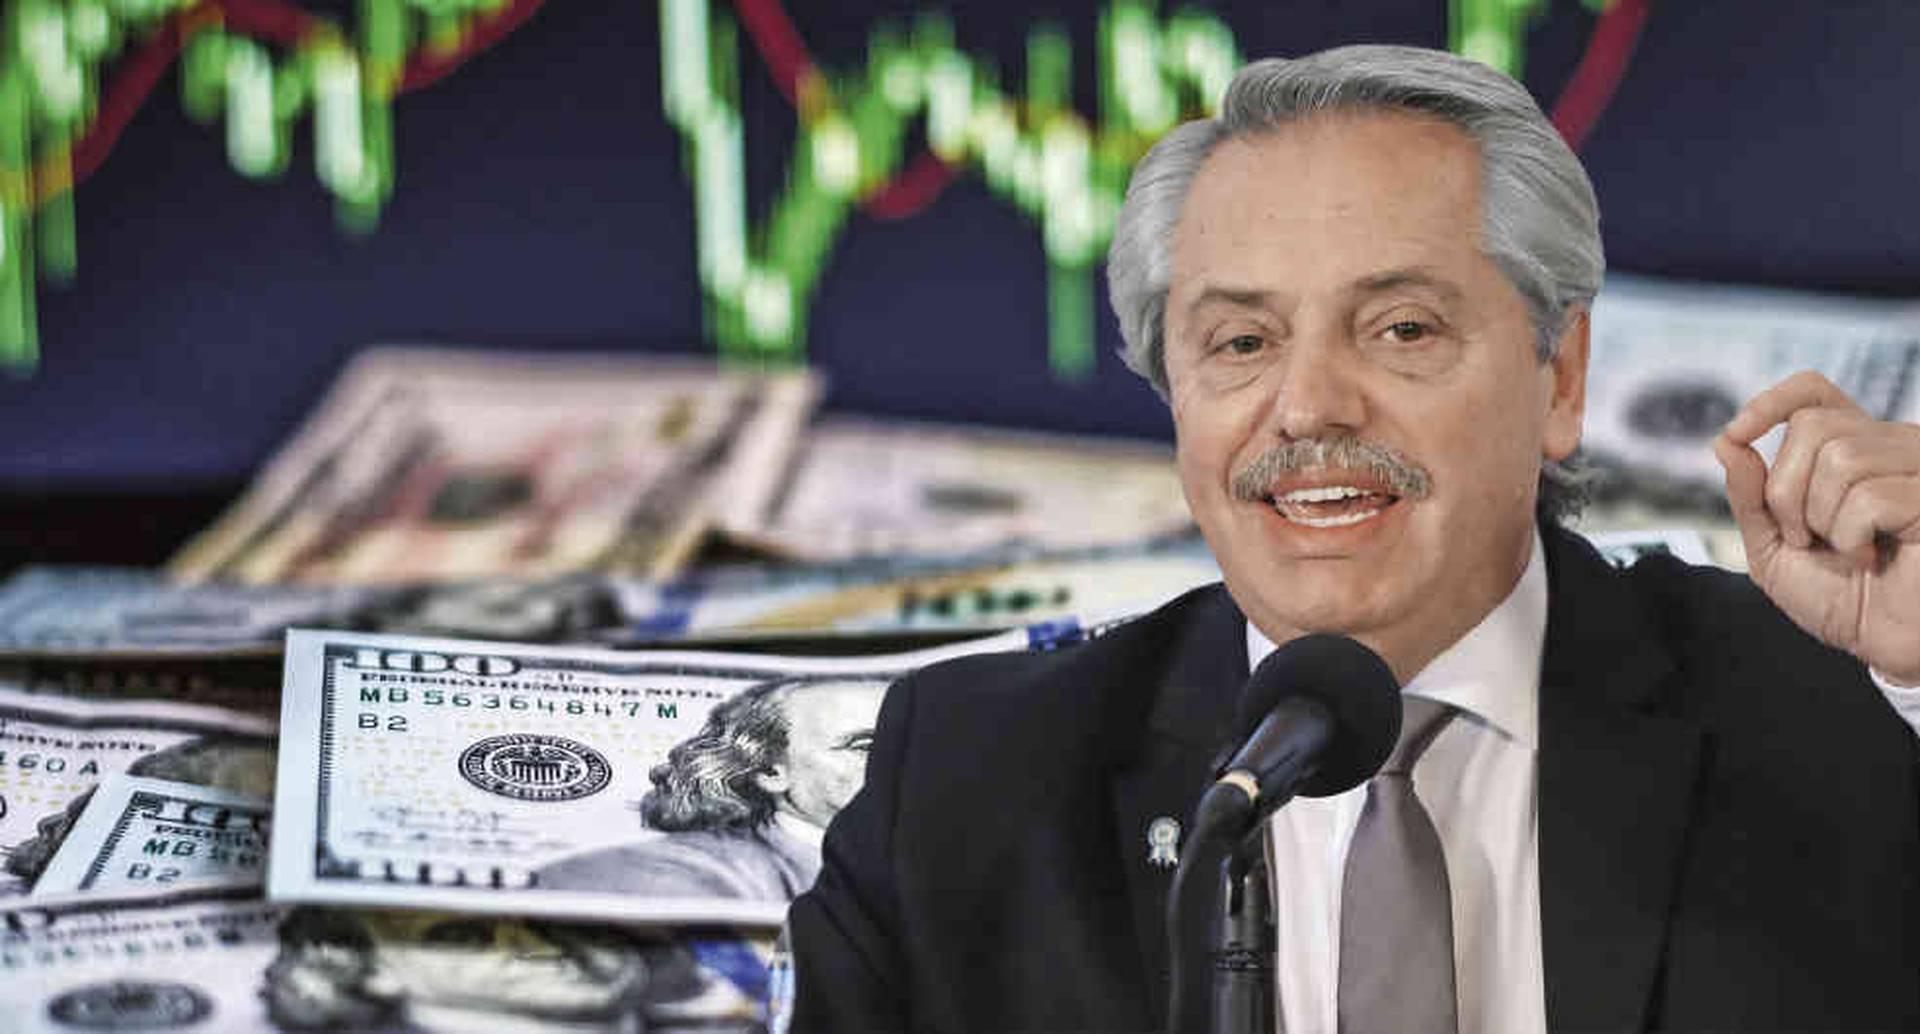 El Gobierno de Alberto Fernández fijó el 2 de junio como plazo para llegar a un acuerdo con los acreedores. Si no lo logra, tendrá apenas tres semanas para pagar más de 503 millones de dólares.